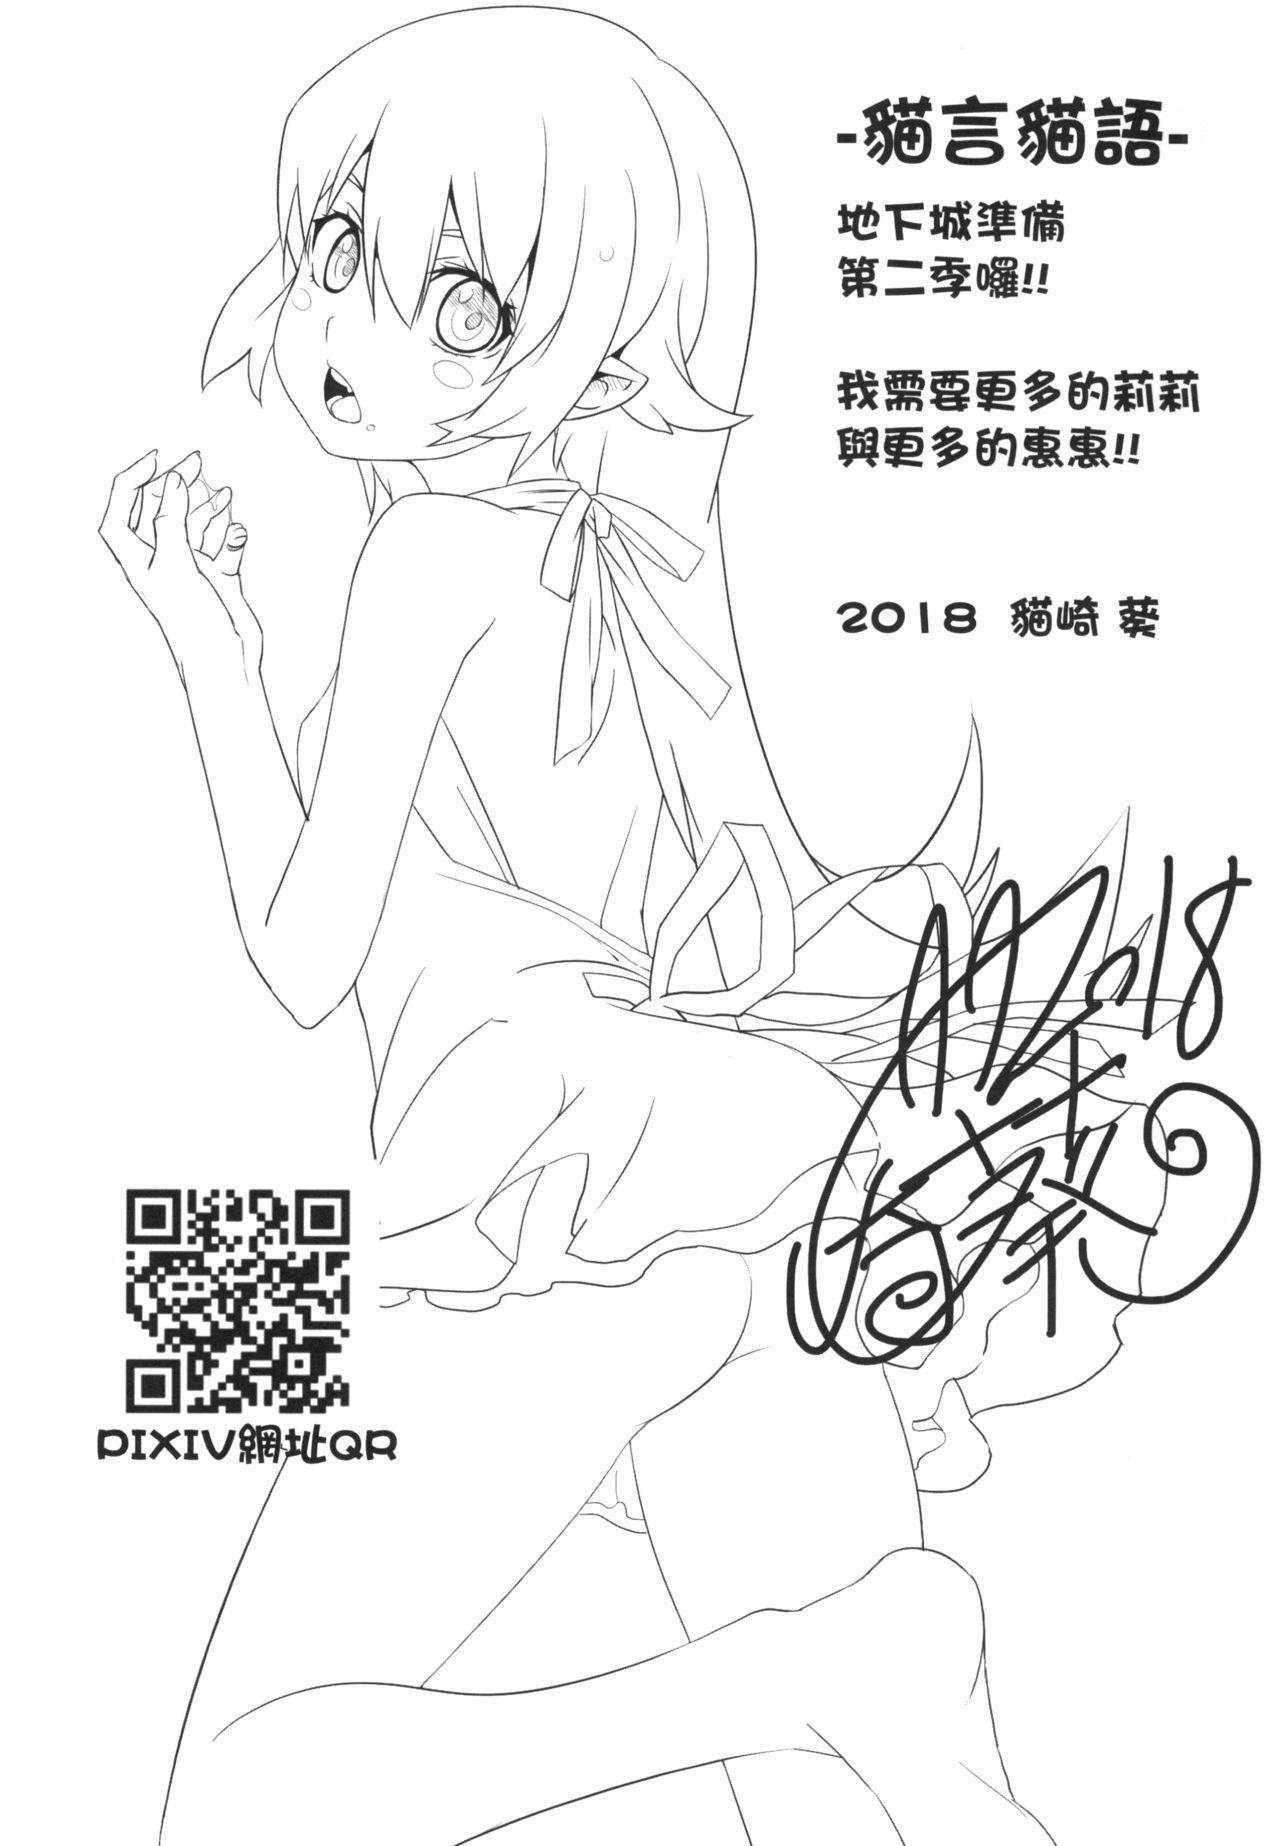 Megumin ni Kareina Shasei o! 4 | 為惠惠獻上華麗的爆射4! 20